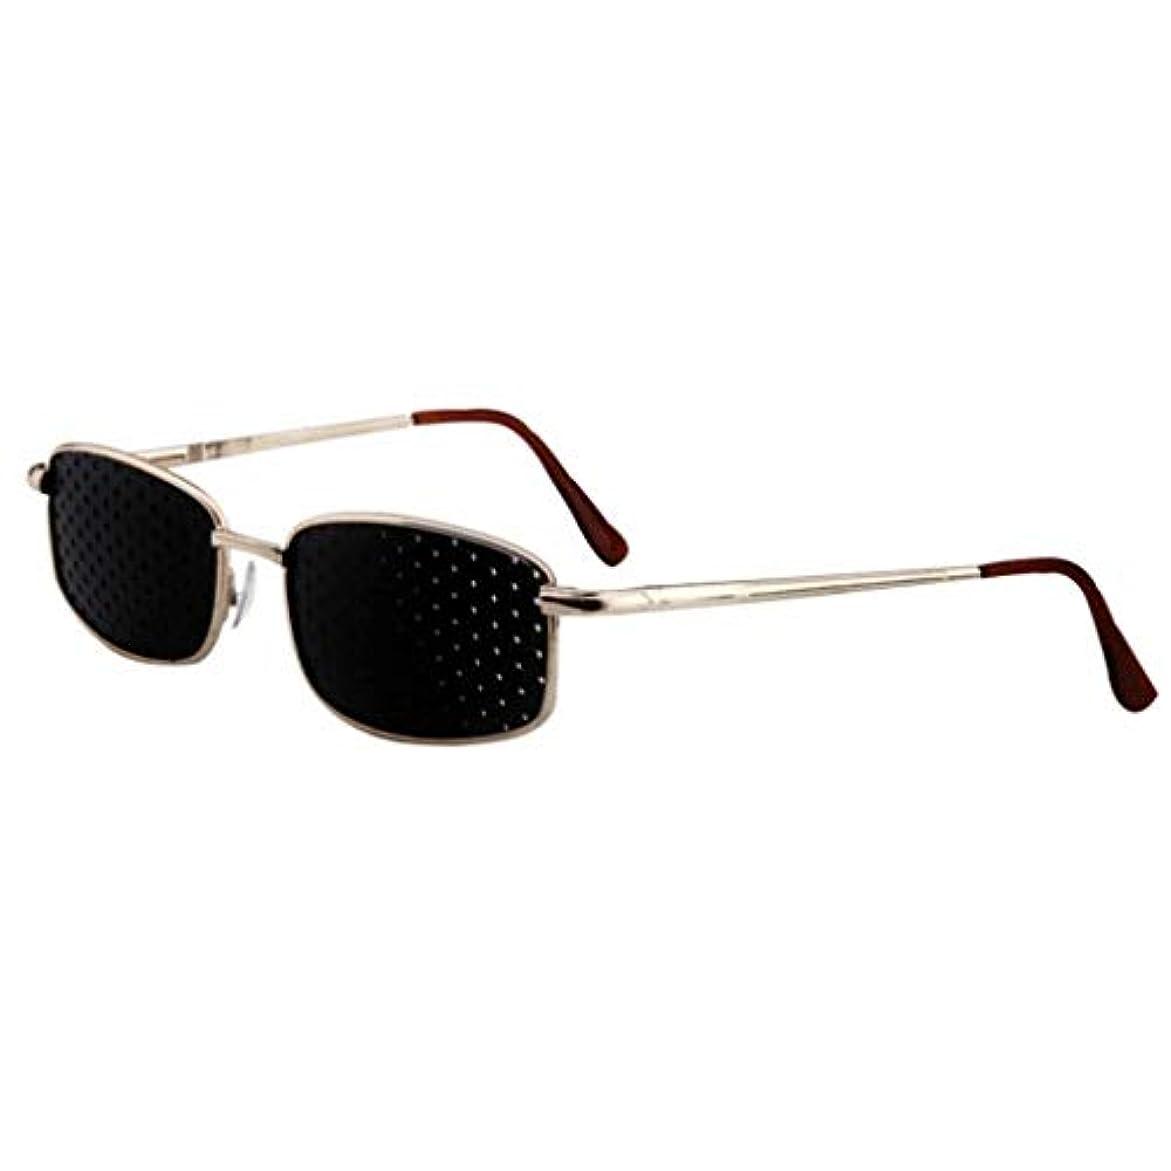 学習者罪悪感修士号ピンホールメガネ、視力矯正メガネ網状視力保護メガネ耐疲労性メガネ近視の防止メガネの改善